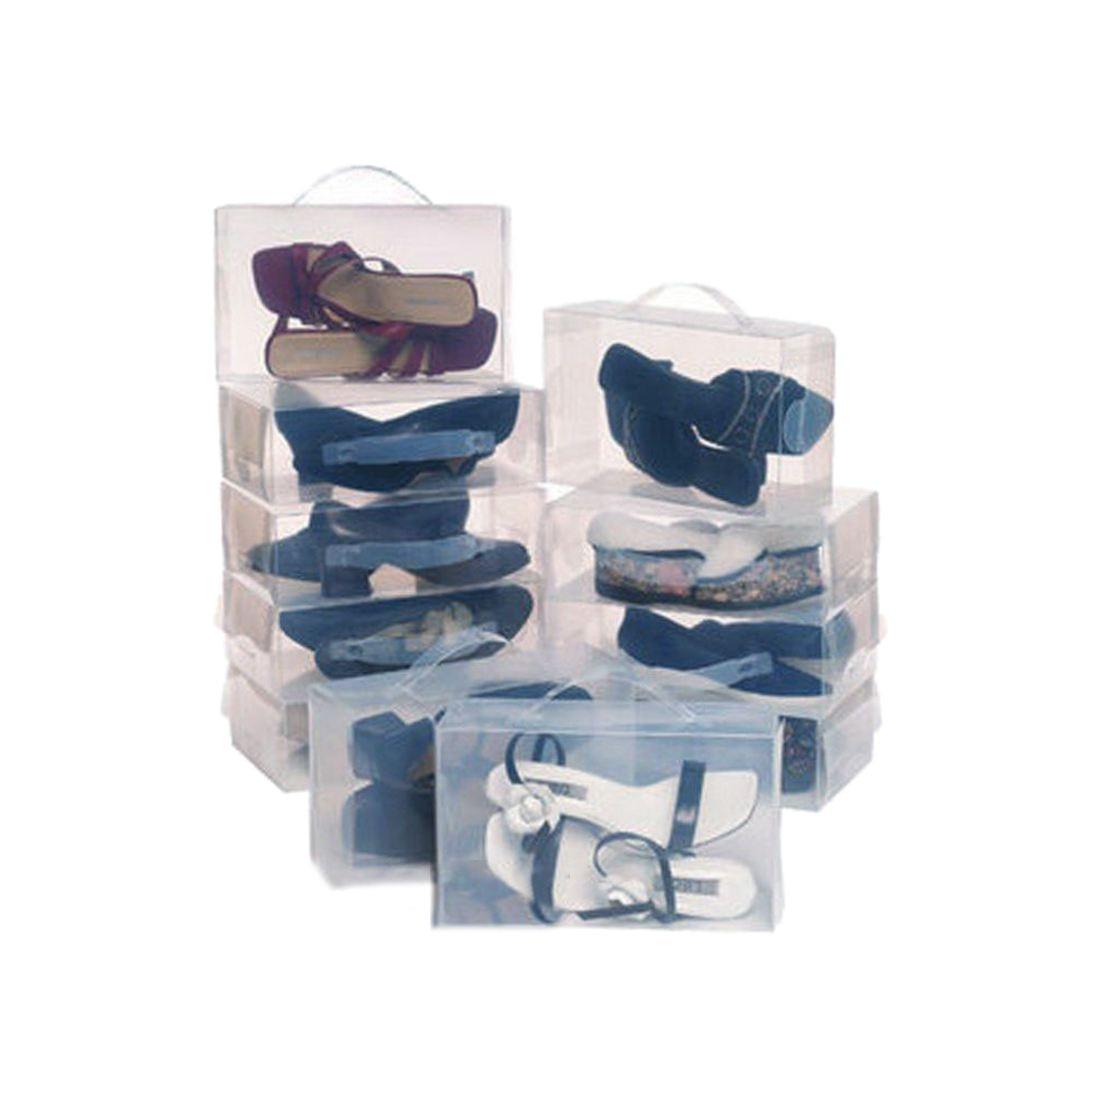 22 Дамы Мужские Стекируемый Пластик ясно обувной коробки Коробки органайзер для хранения складной-прозрачный цвет